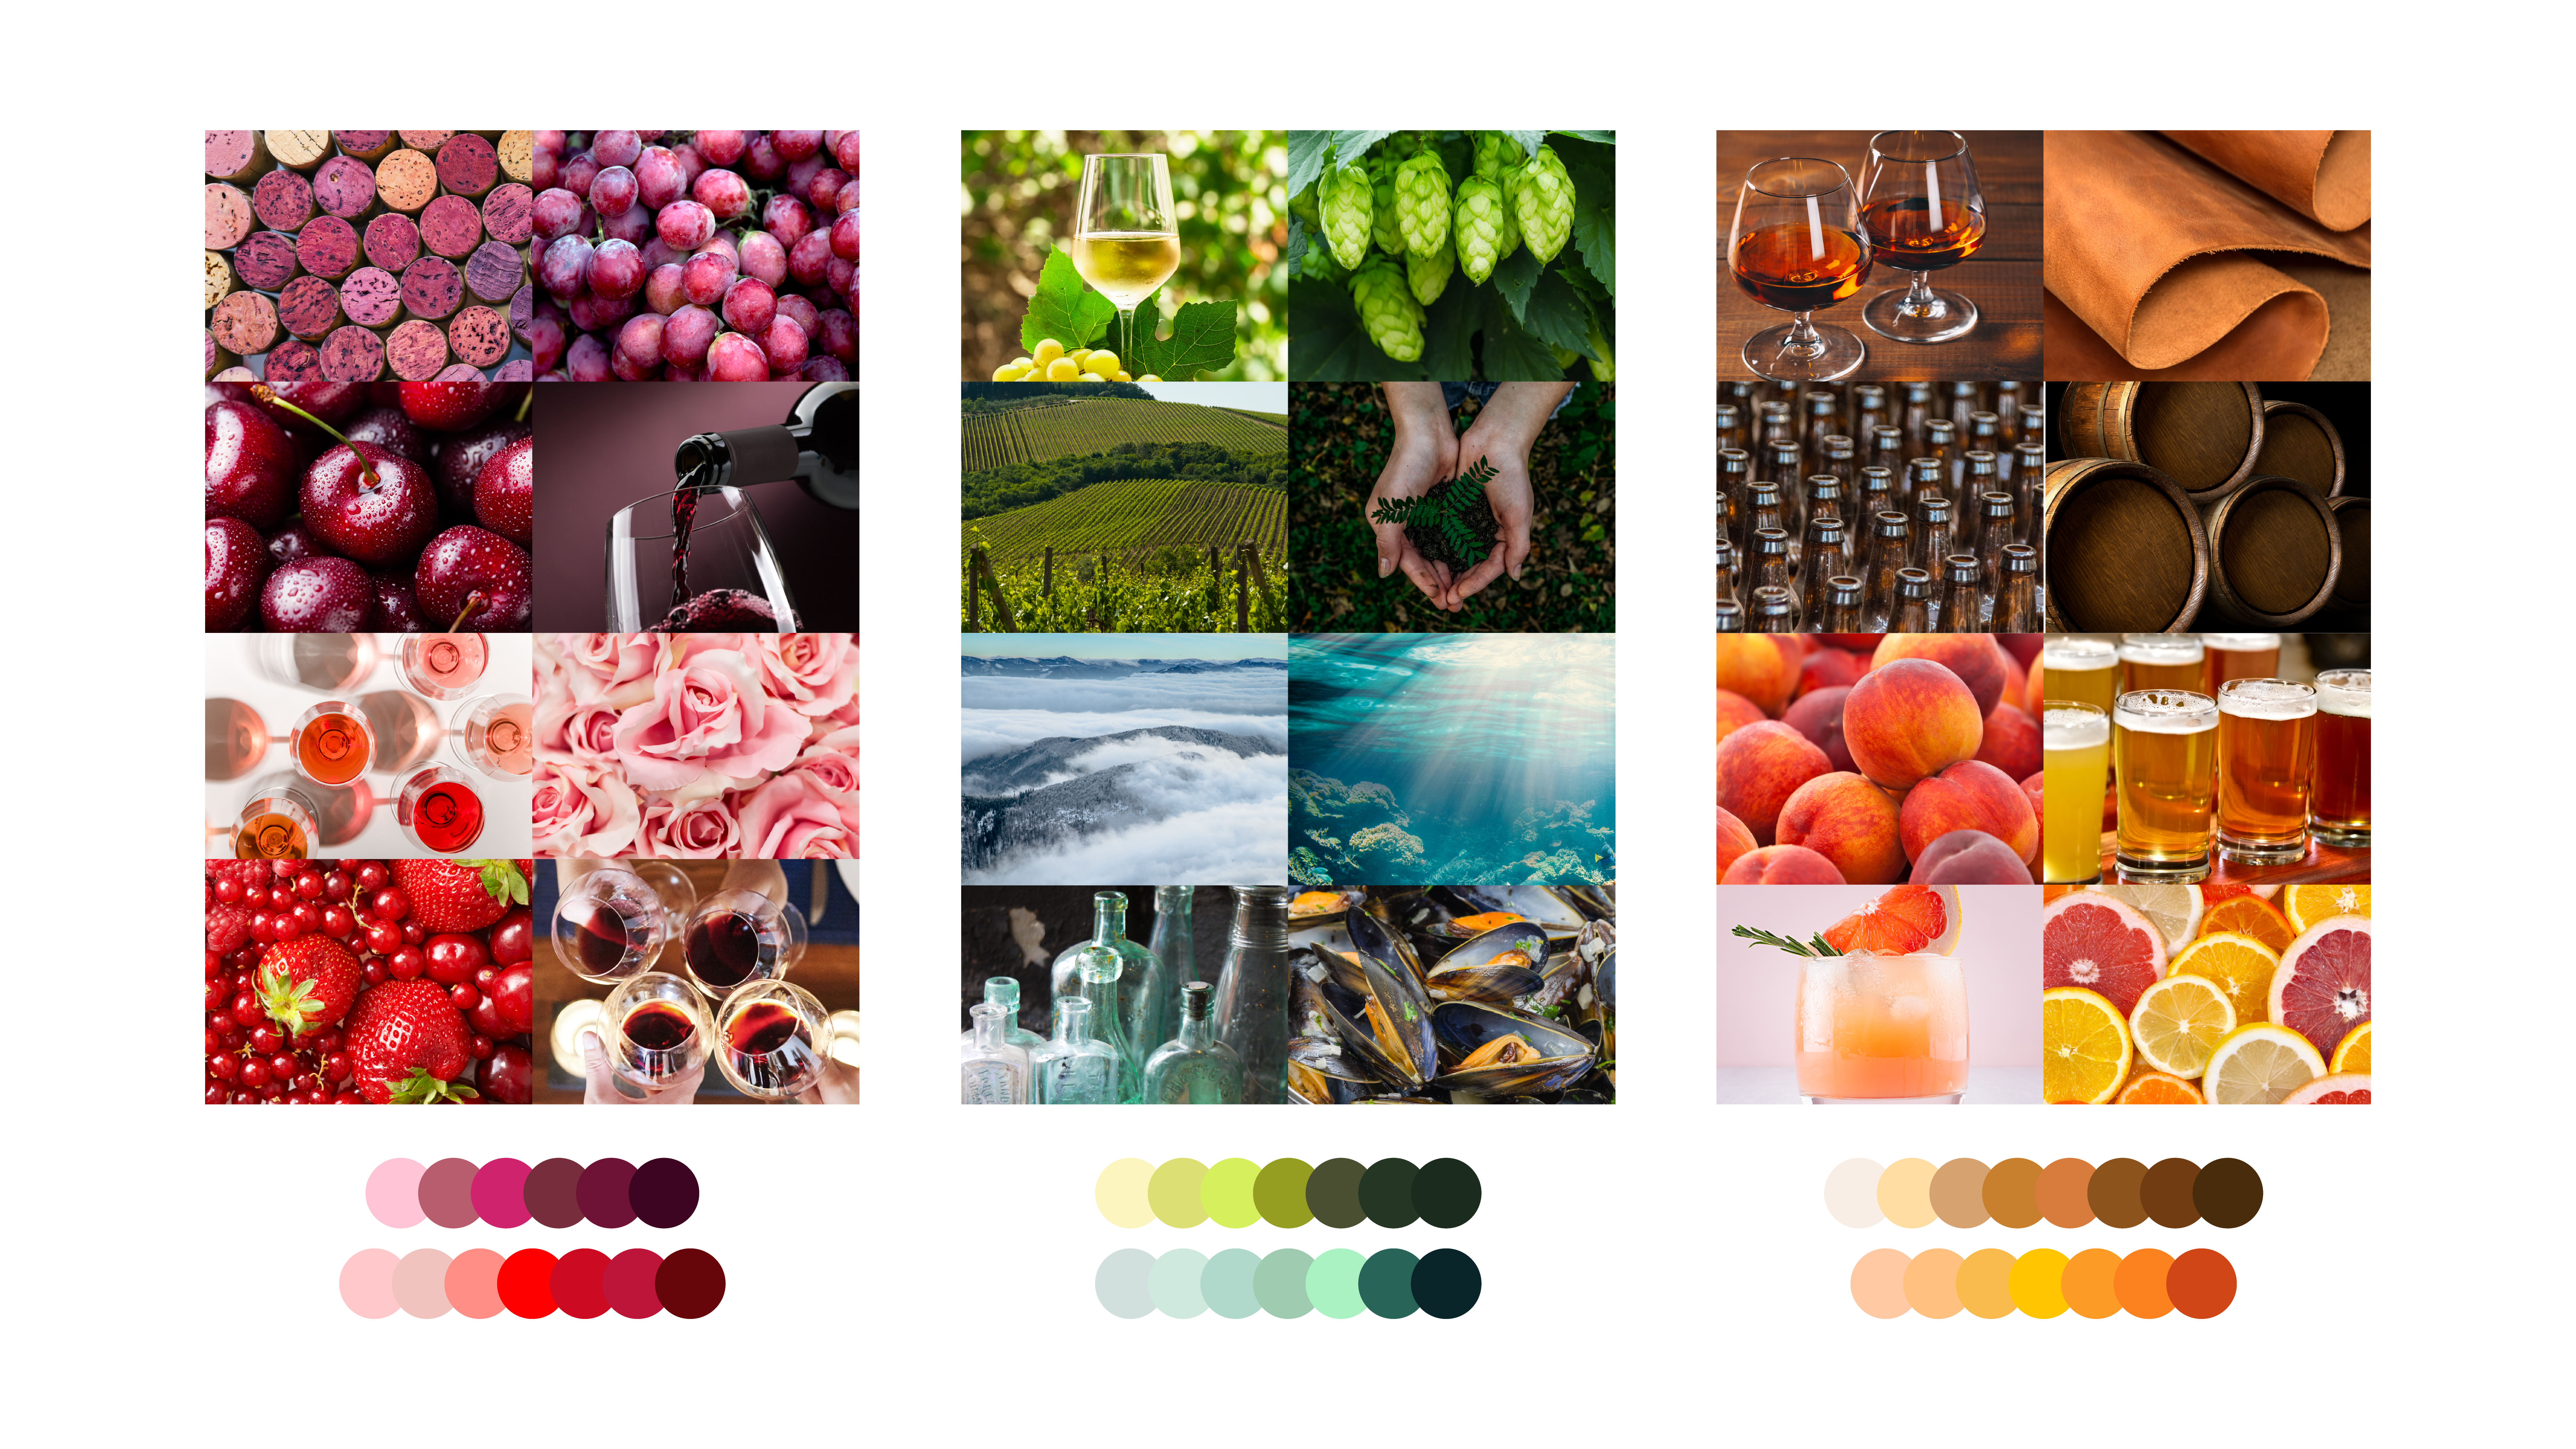 vmp_farger_fargereferanser-04